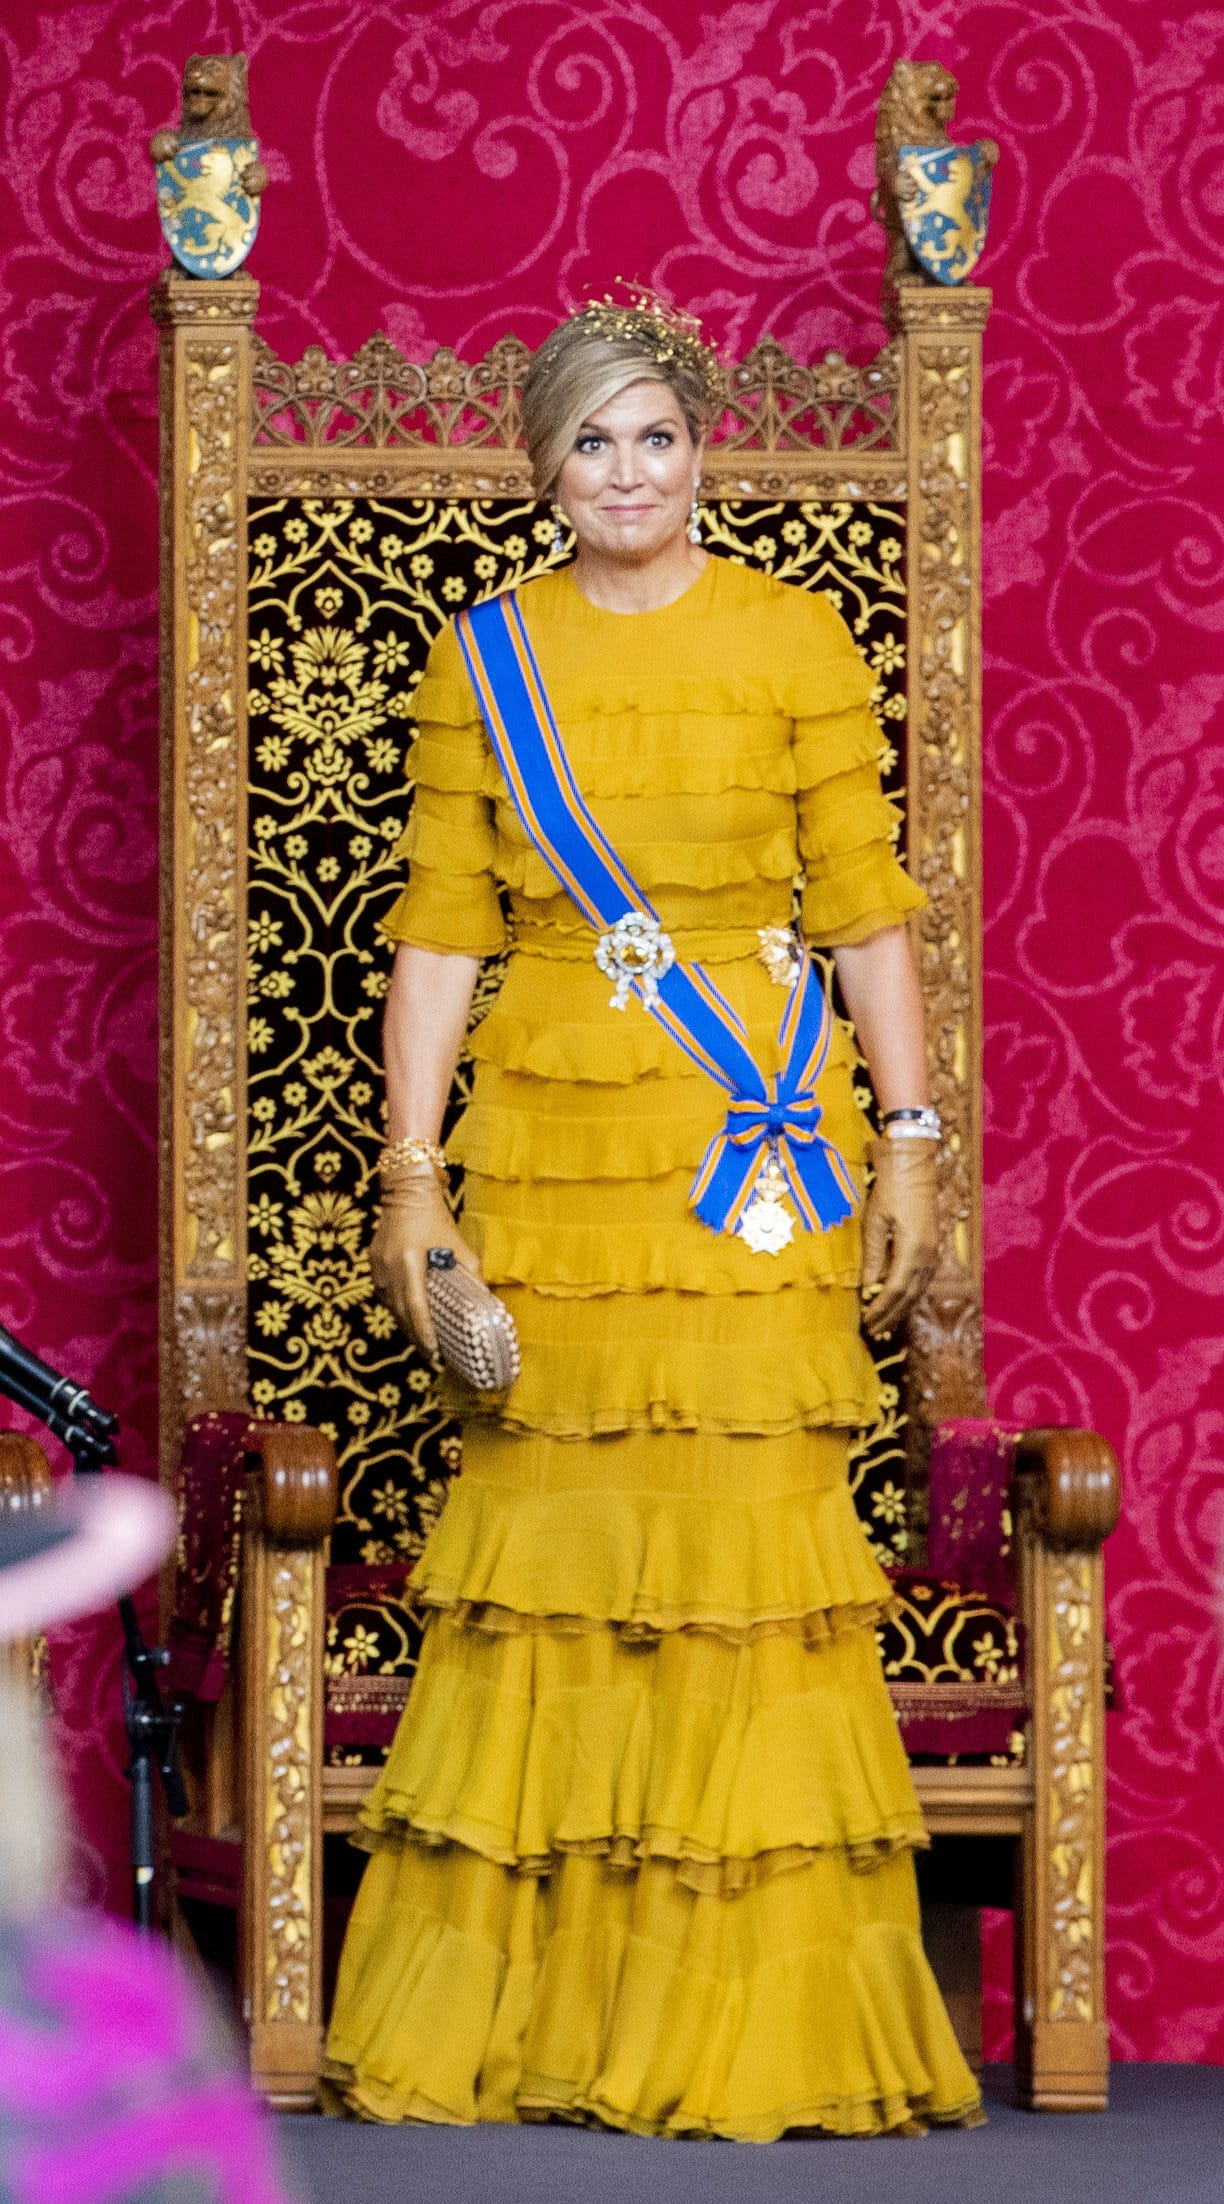 Königin Maxima in einem goldgelben Kleid mit Volants